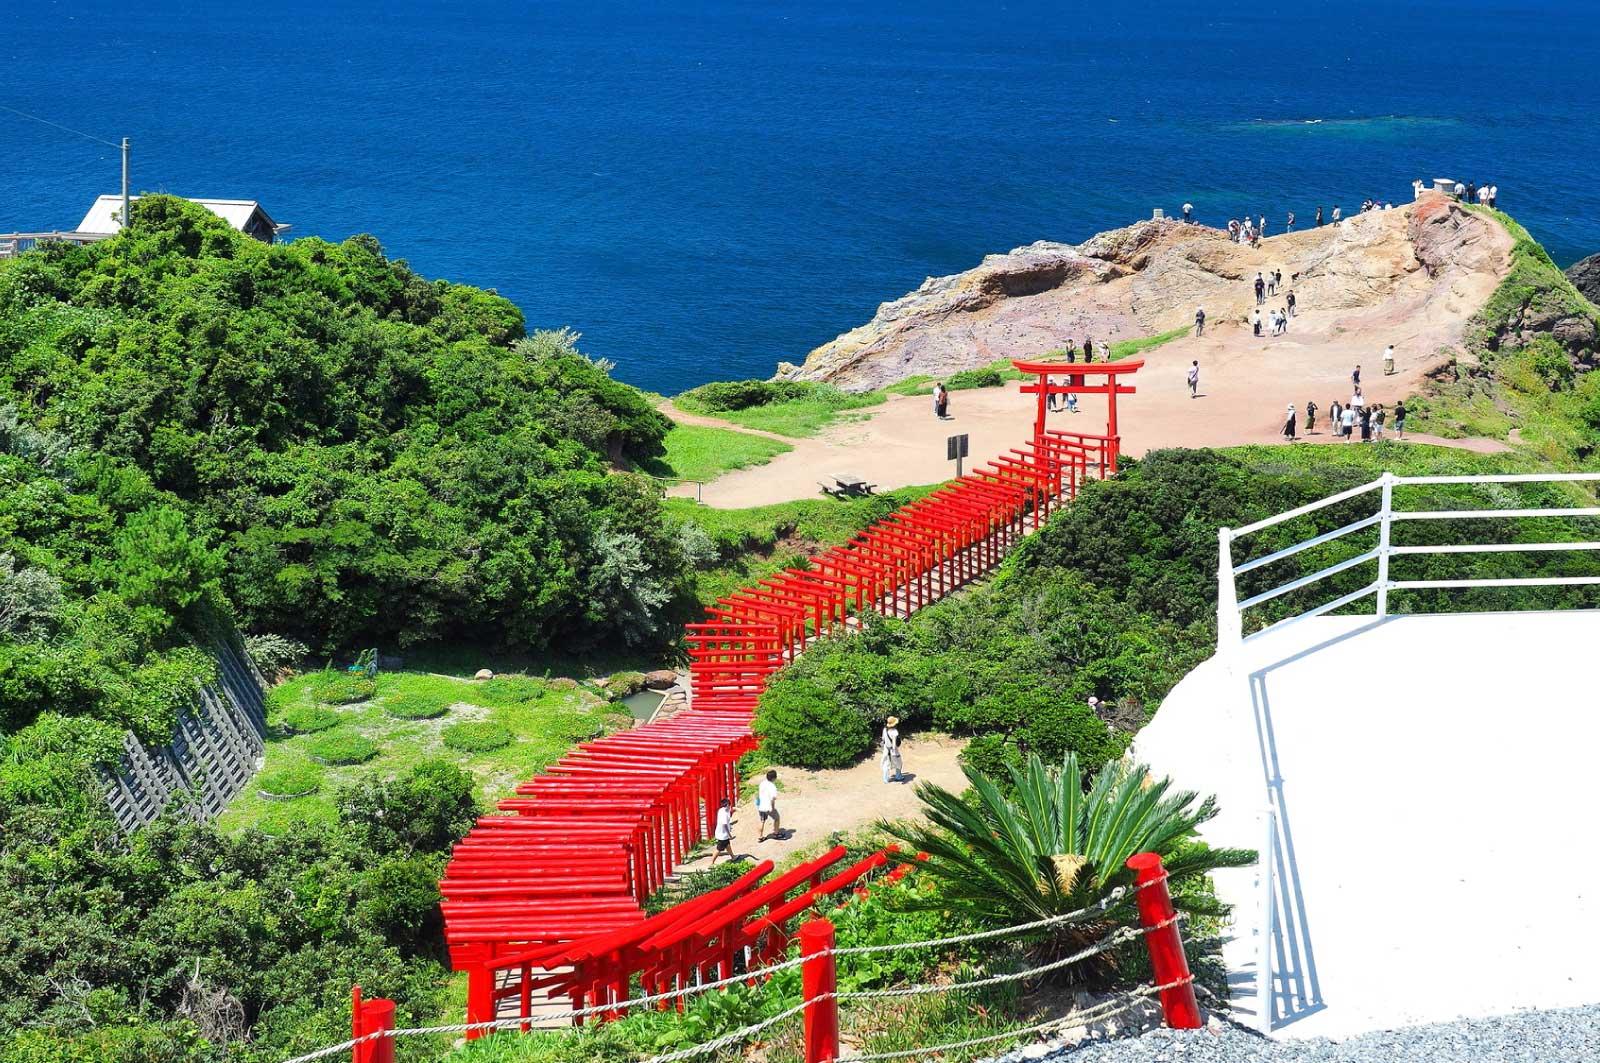 123もの鳥居が並ぶ元乃隅神社